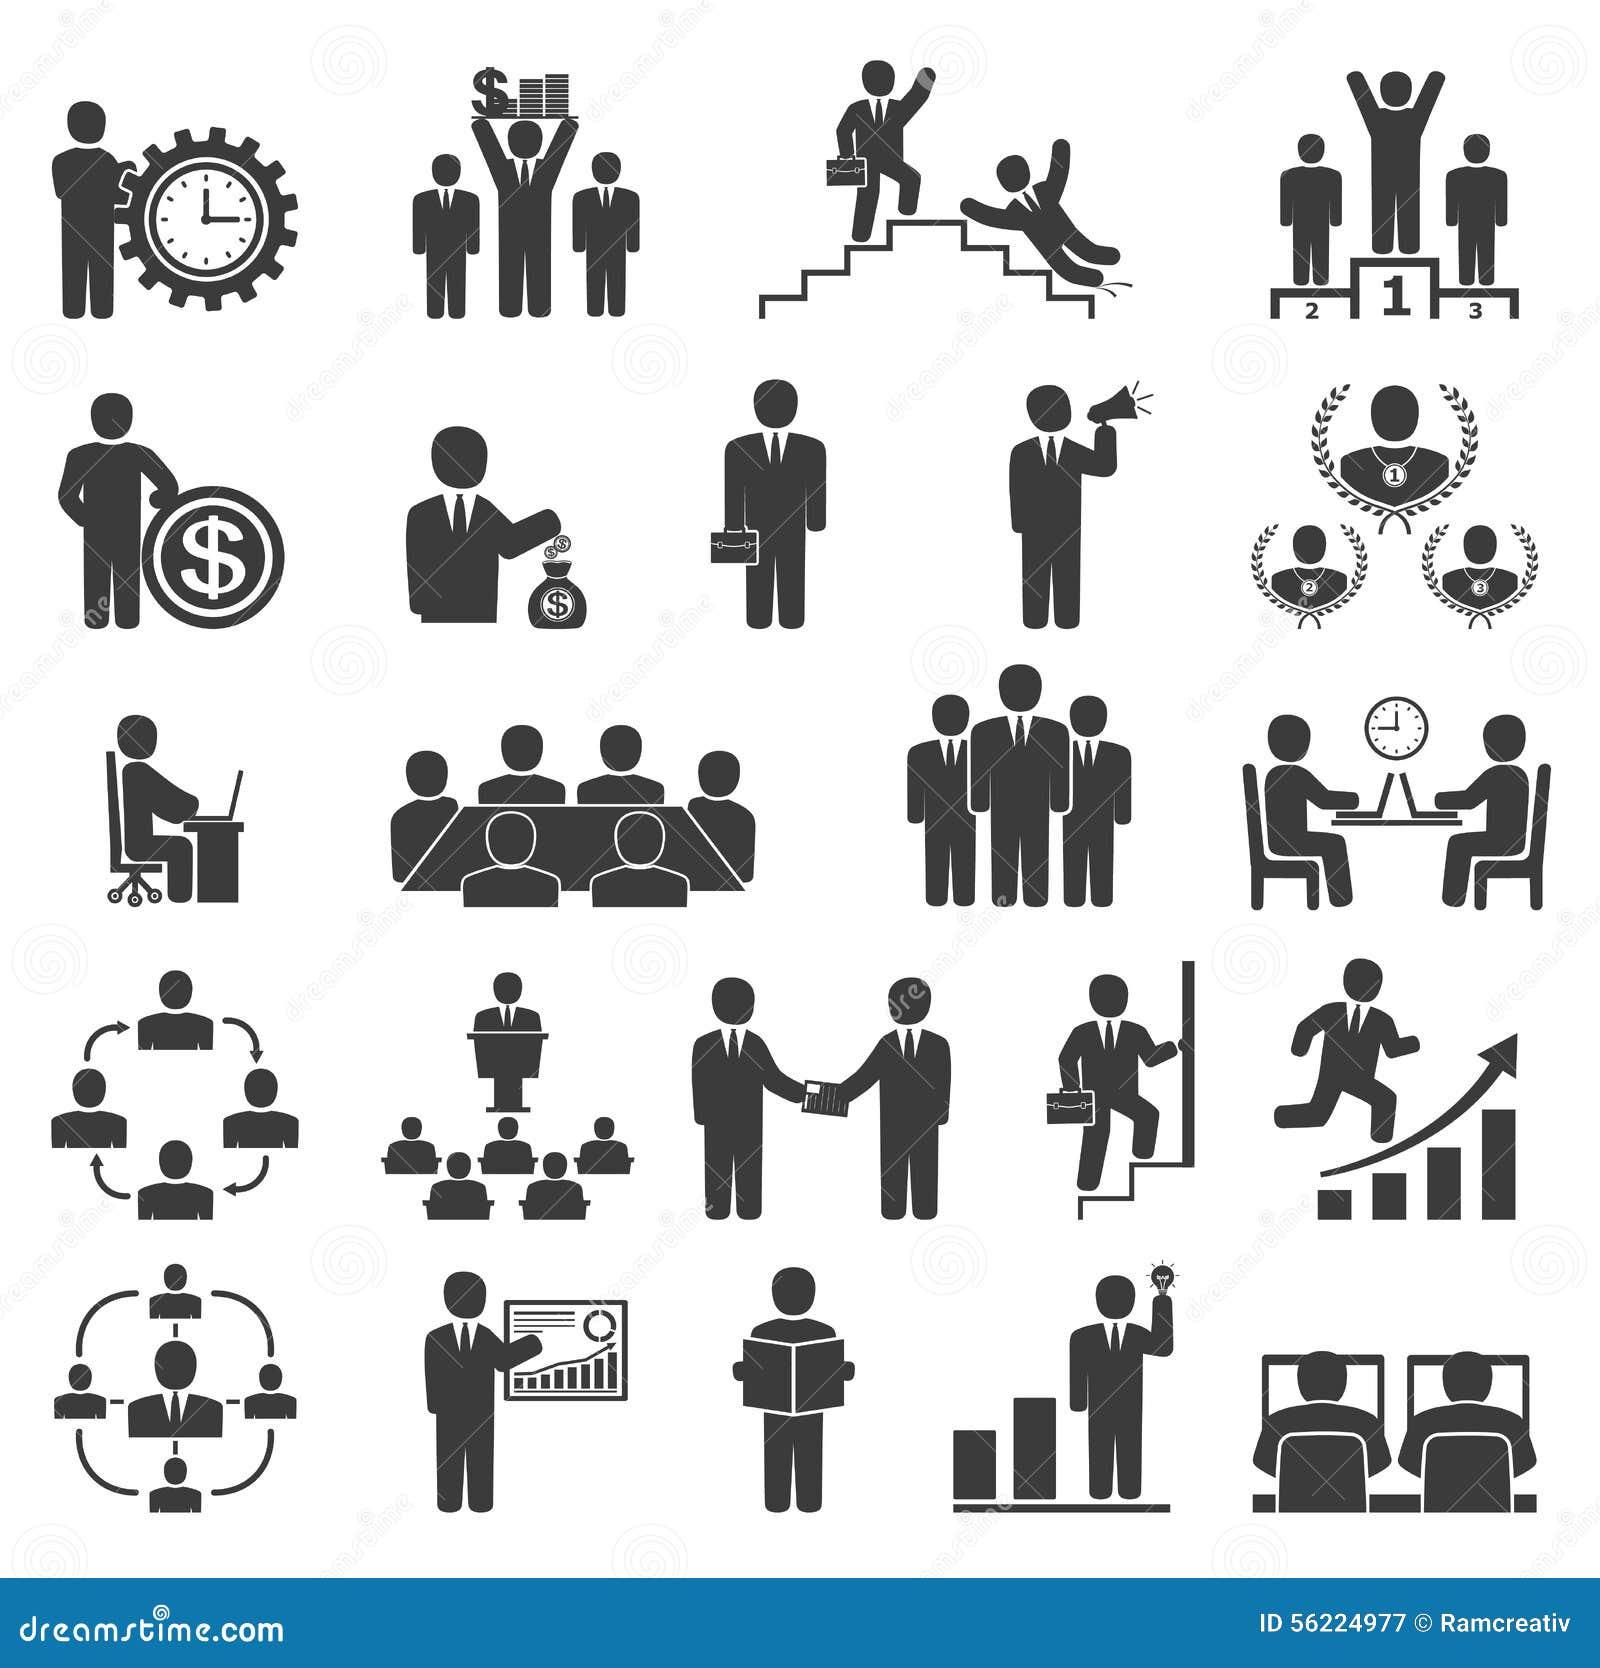 Negocios Ilustraciones Stock, Vectores, Y Clipart – (3,139,605 ...